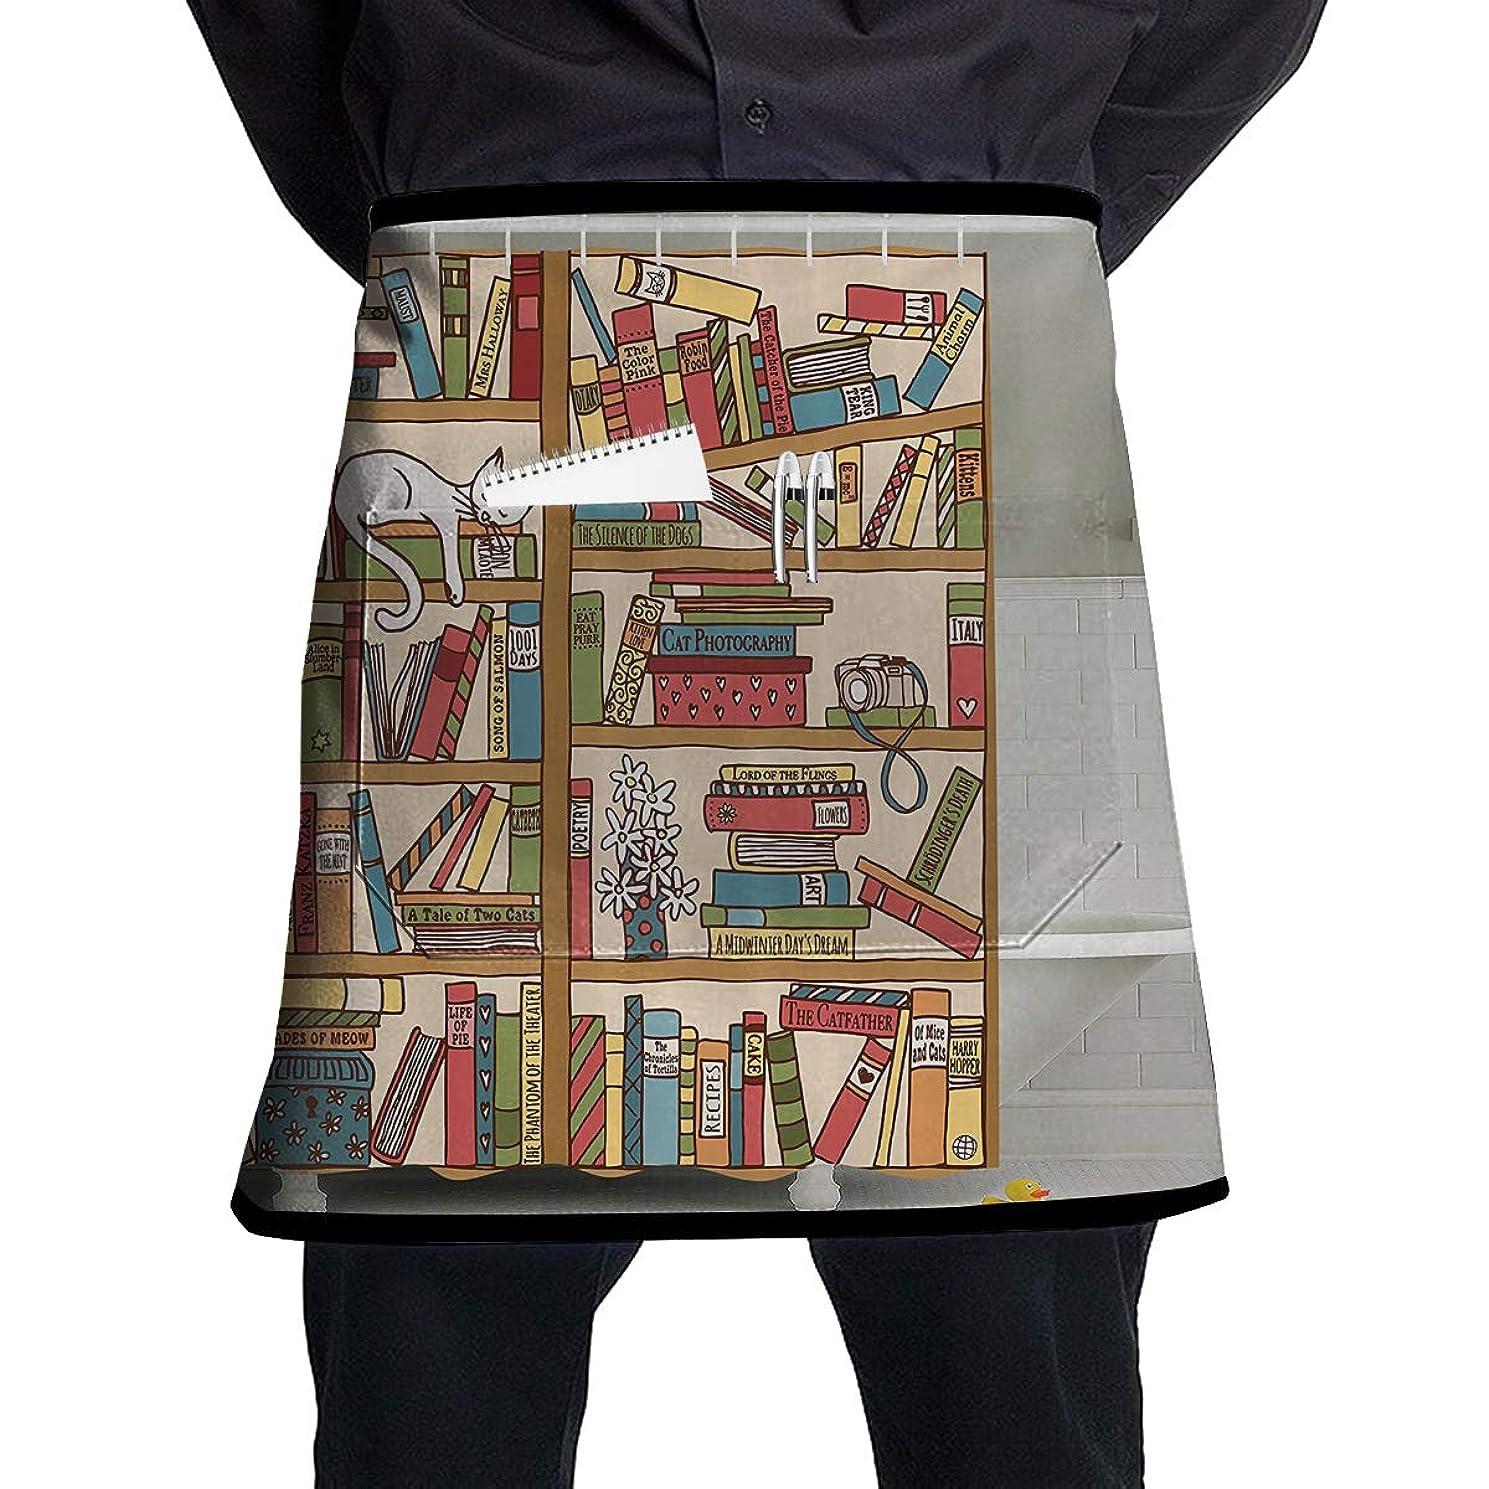 口述する文言慣性メンズエプロンNerd Book Lover Kitty Sleeping Over Bookshelf In Library Academics北欧 ハーフエプロン ハーフエプロン 丈短い 動きやすい 男女兼用 カッコいい お手入れ楽々 シンプルエプロン 男のエプロン 首掛け 無地